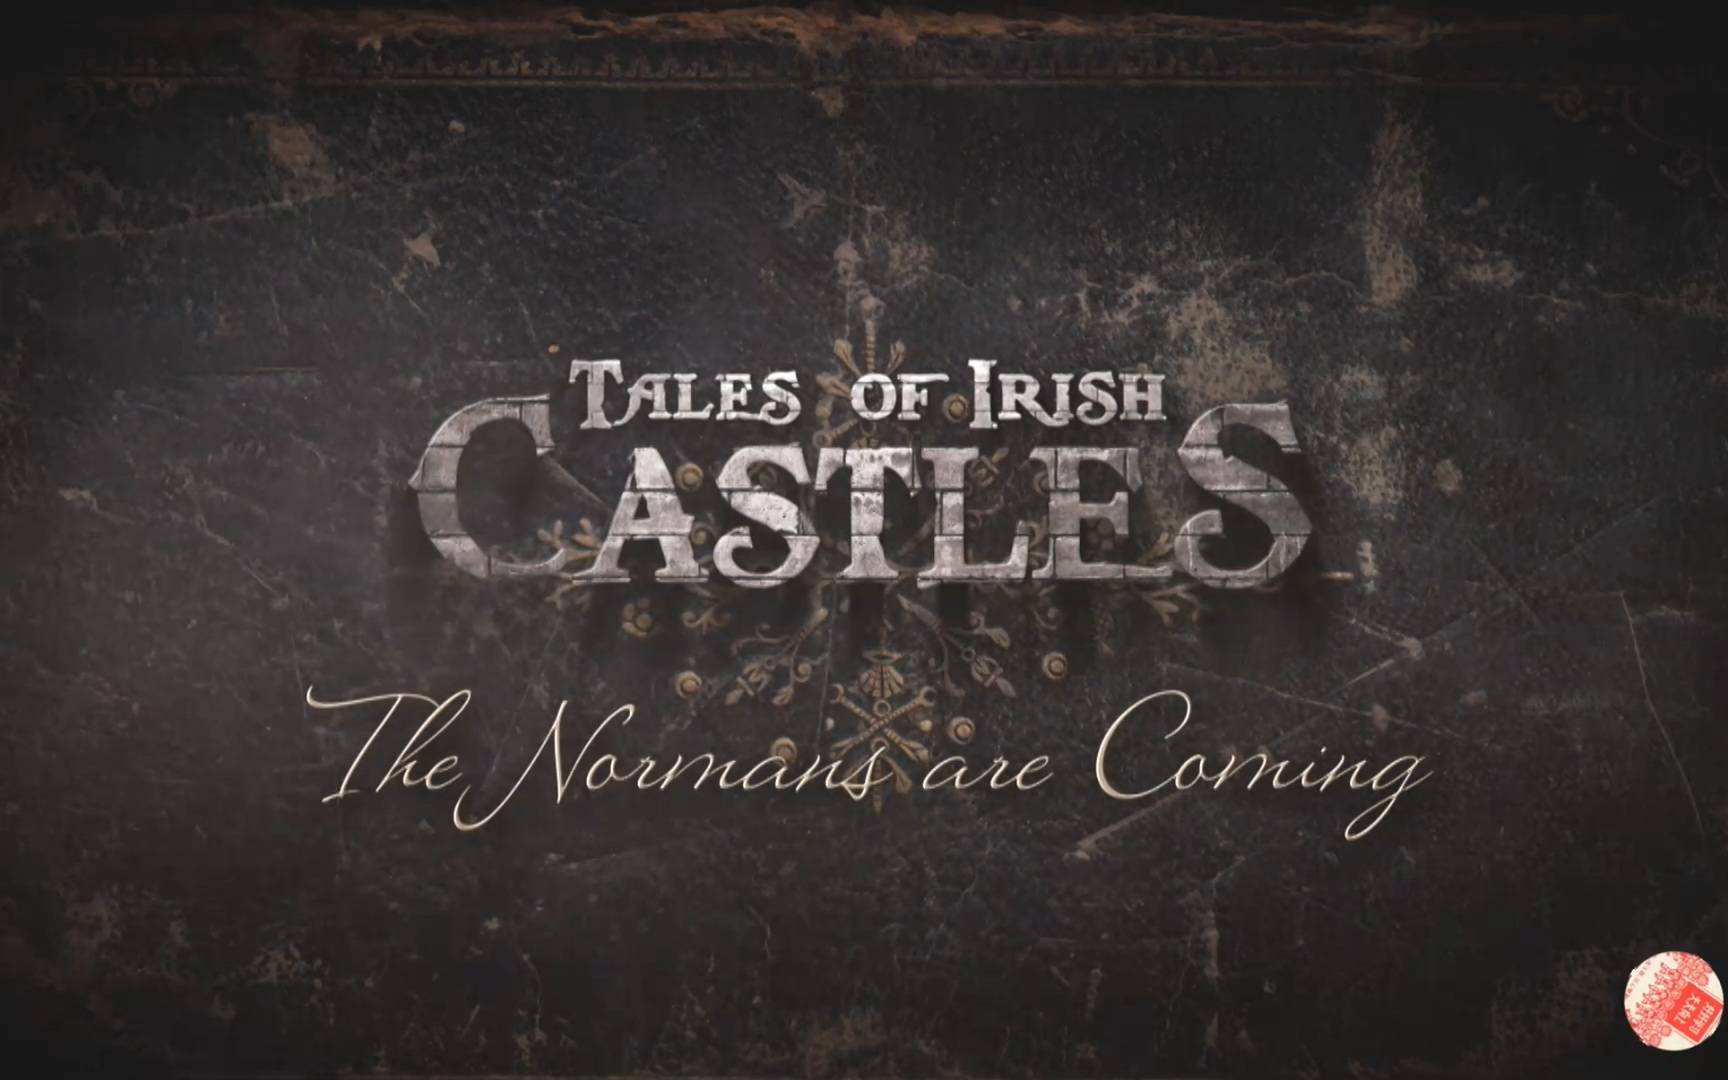 爱尔兰城堡传说 S01E01.The.Normans.Are 中英双语字幕 1080P